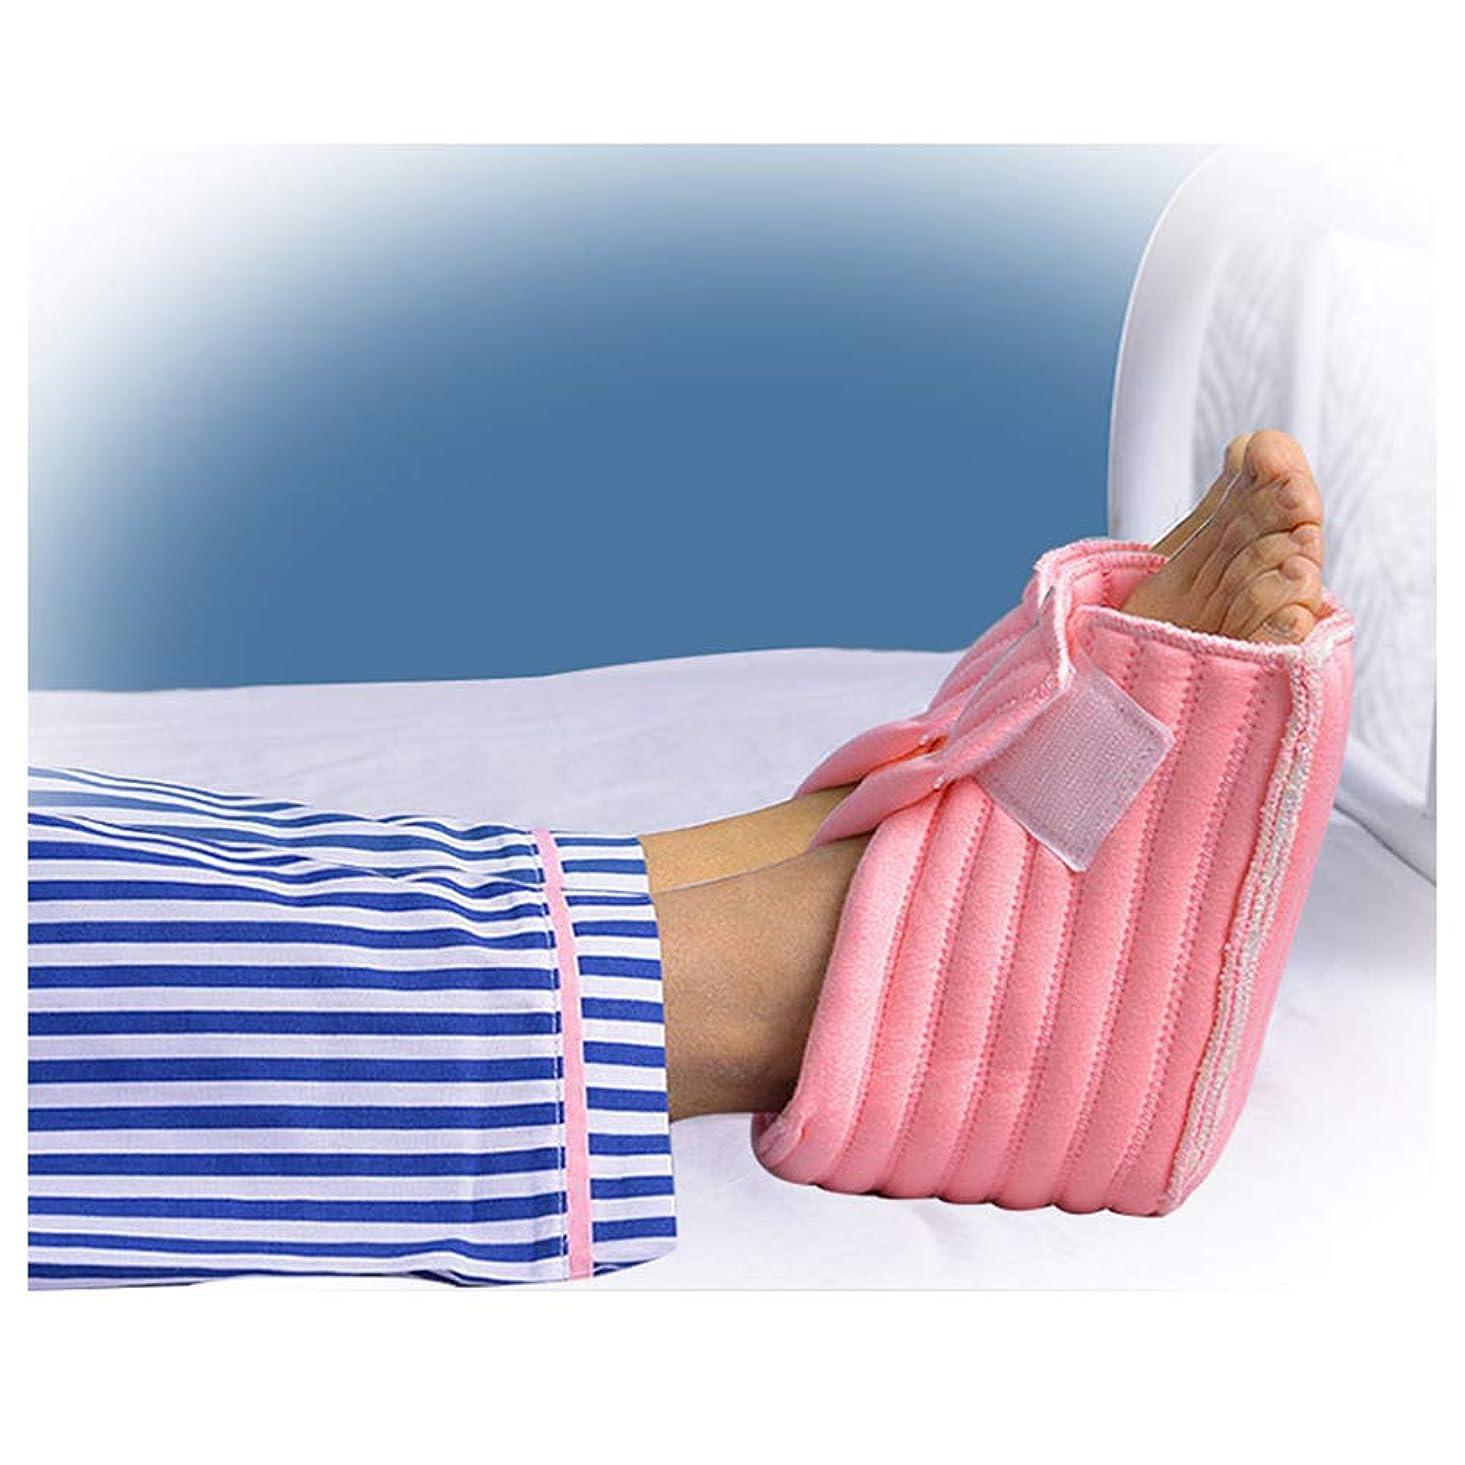 ベルベットポテト喜んでヒールプロテクター枕、足首サポート枕フットプロテクション、足枕、1ペア、ピンク